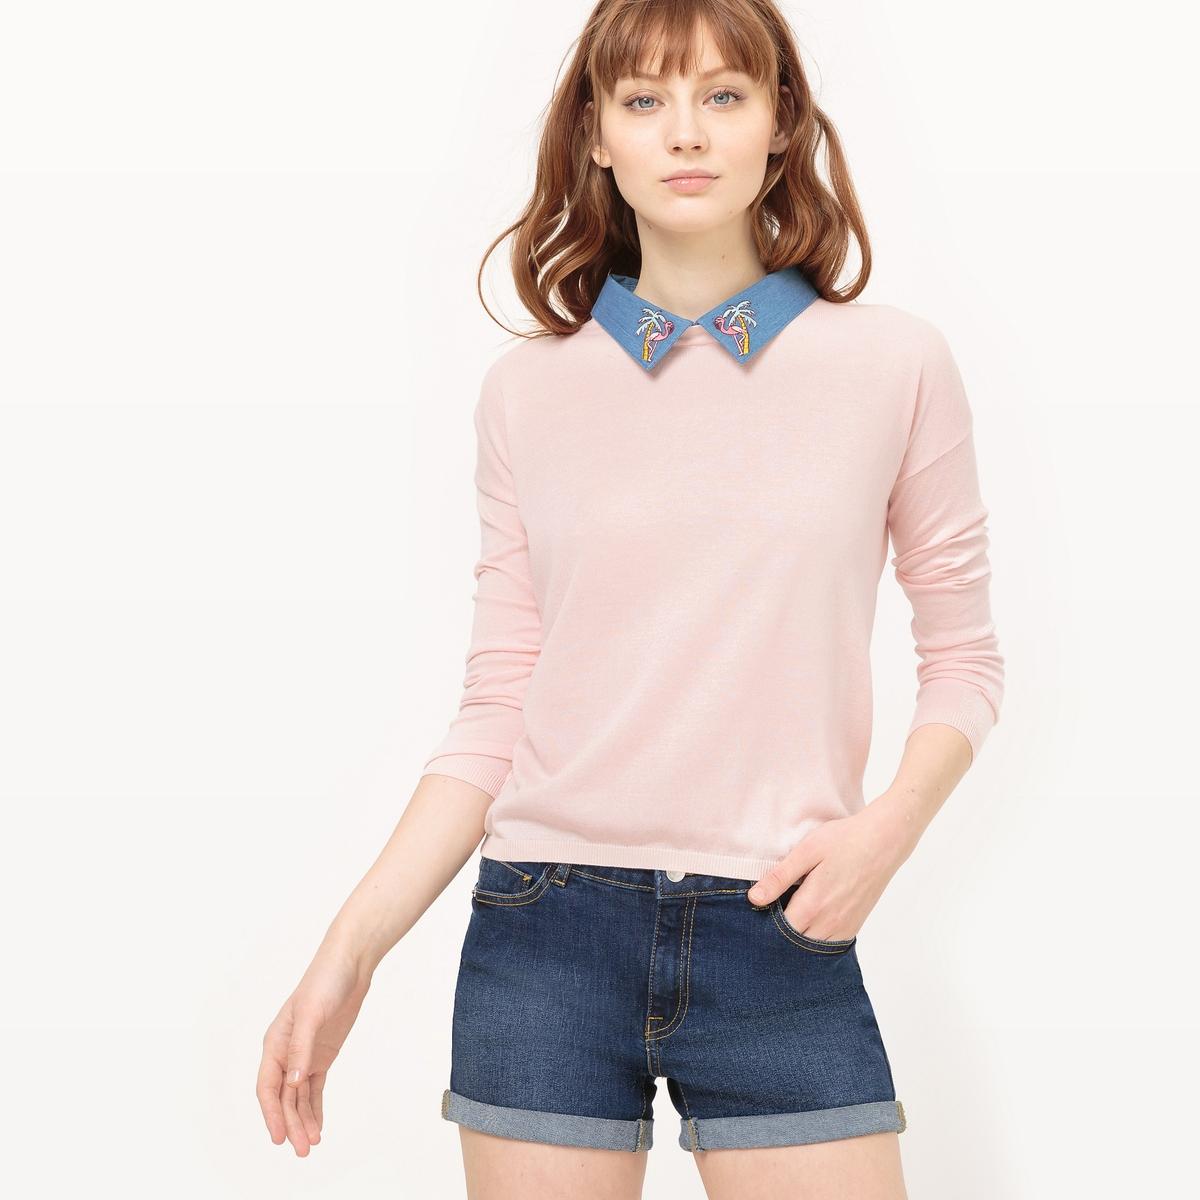 Пуловер с круглым вырезом из хлопкаОписание:Детали  •  Классическая модель •  Длинные рукава •  Круглый вырез •  Тонкий трикотажСостав и уход •  50% хлопка, 50% модала •  Следуйте советам по уходу, указанным на этикетке<br><br>Цвет: розовый<br>Размер: L